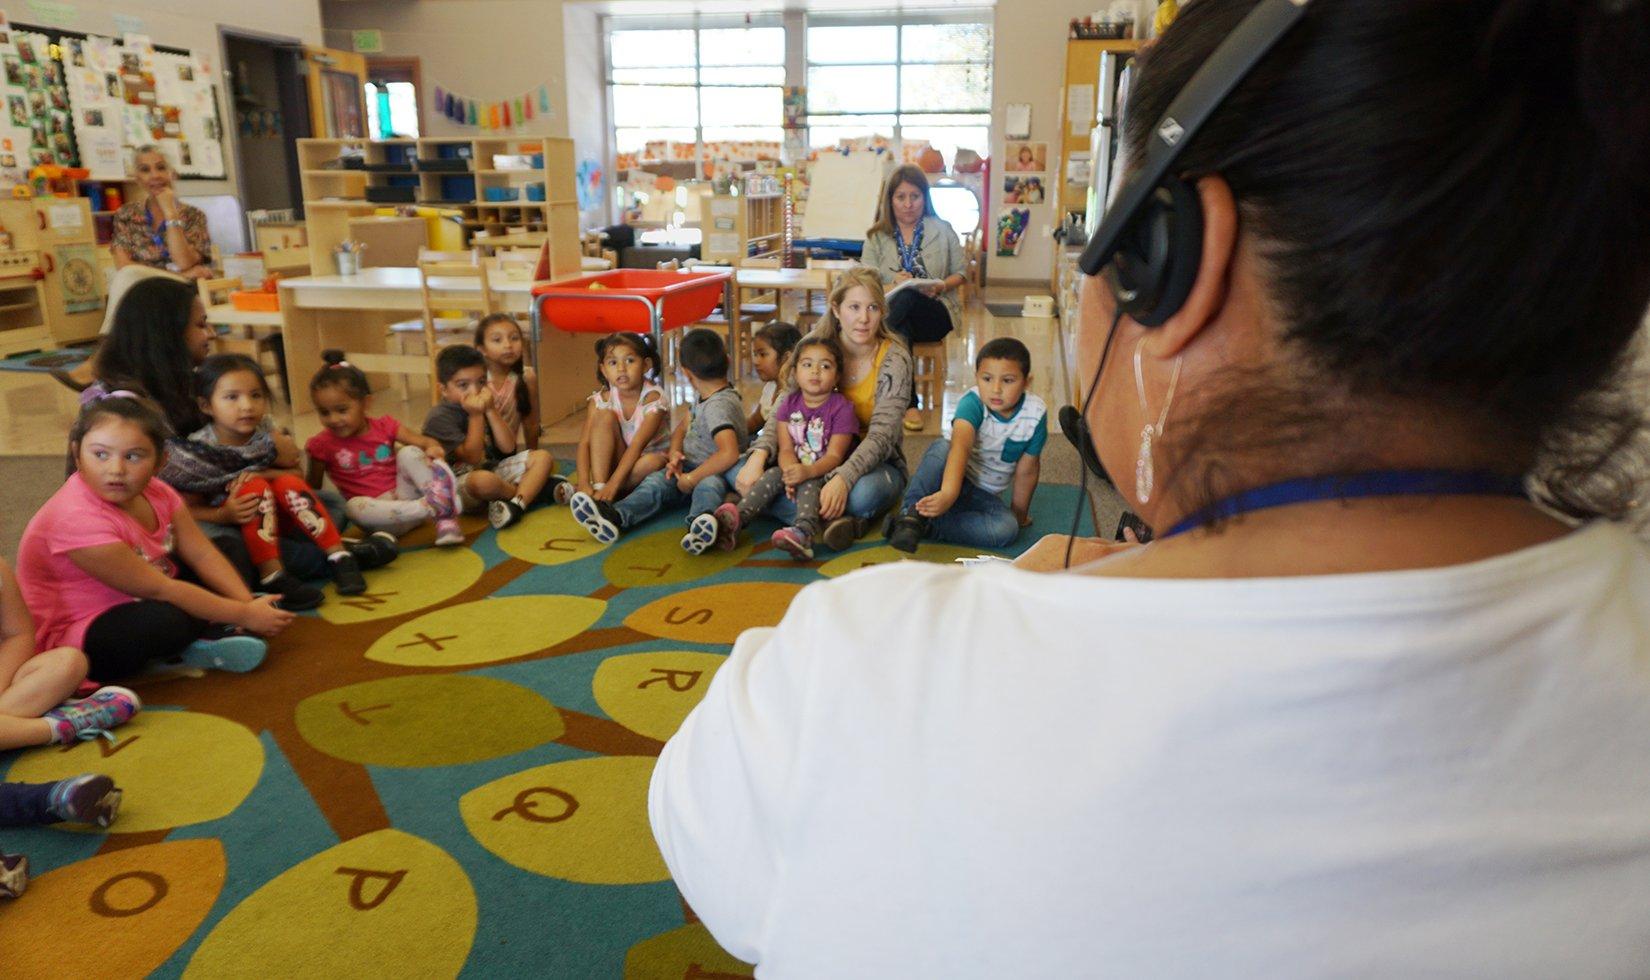 a preschool teacher addressing a class of students using her TALLK headset donated by the John Jordan Foundation